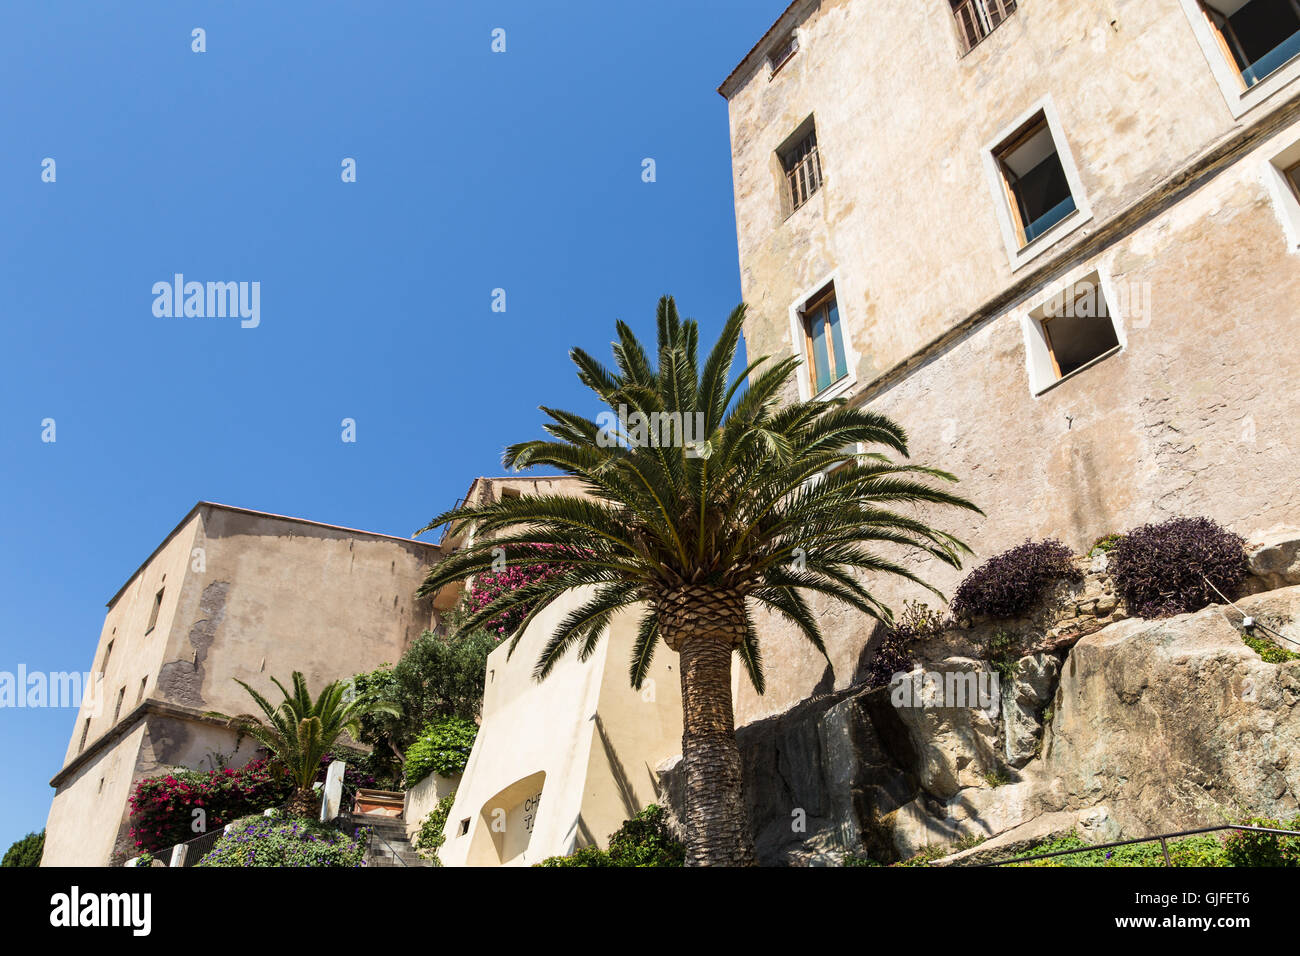 Zitadelle von Calvi auf der französischen Insel Korsika Stockbild